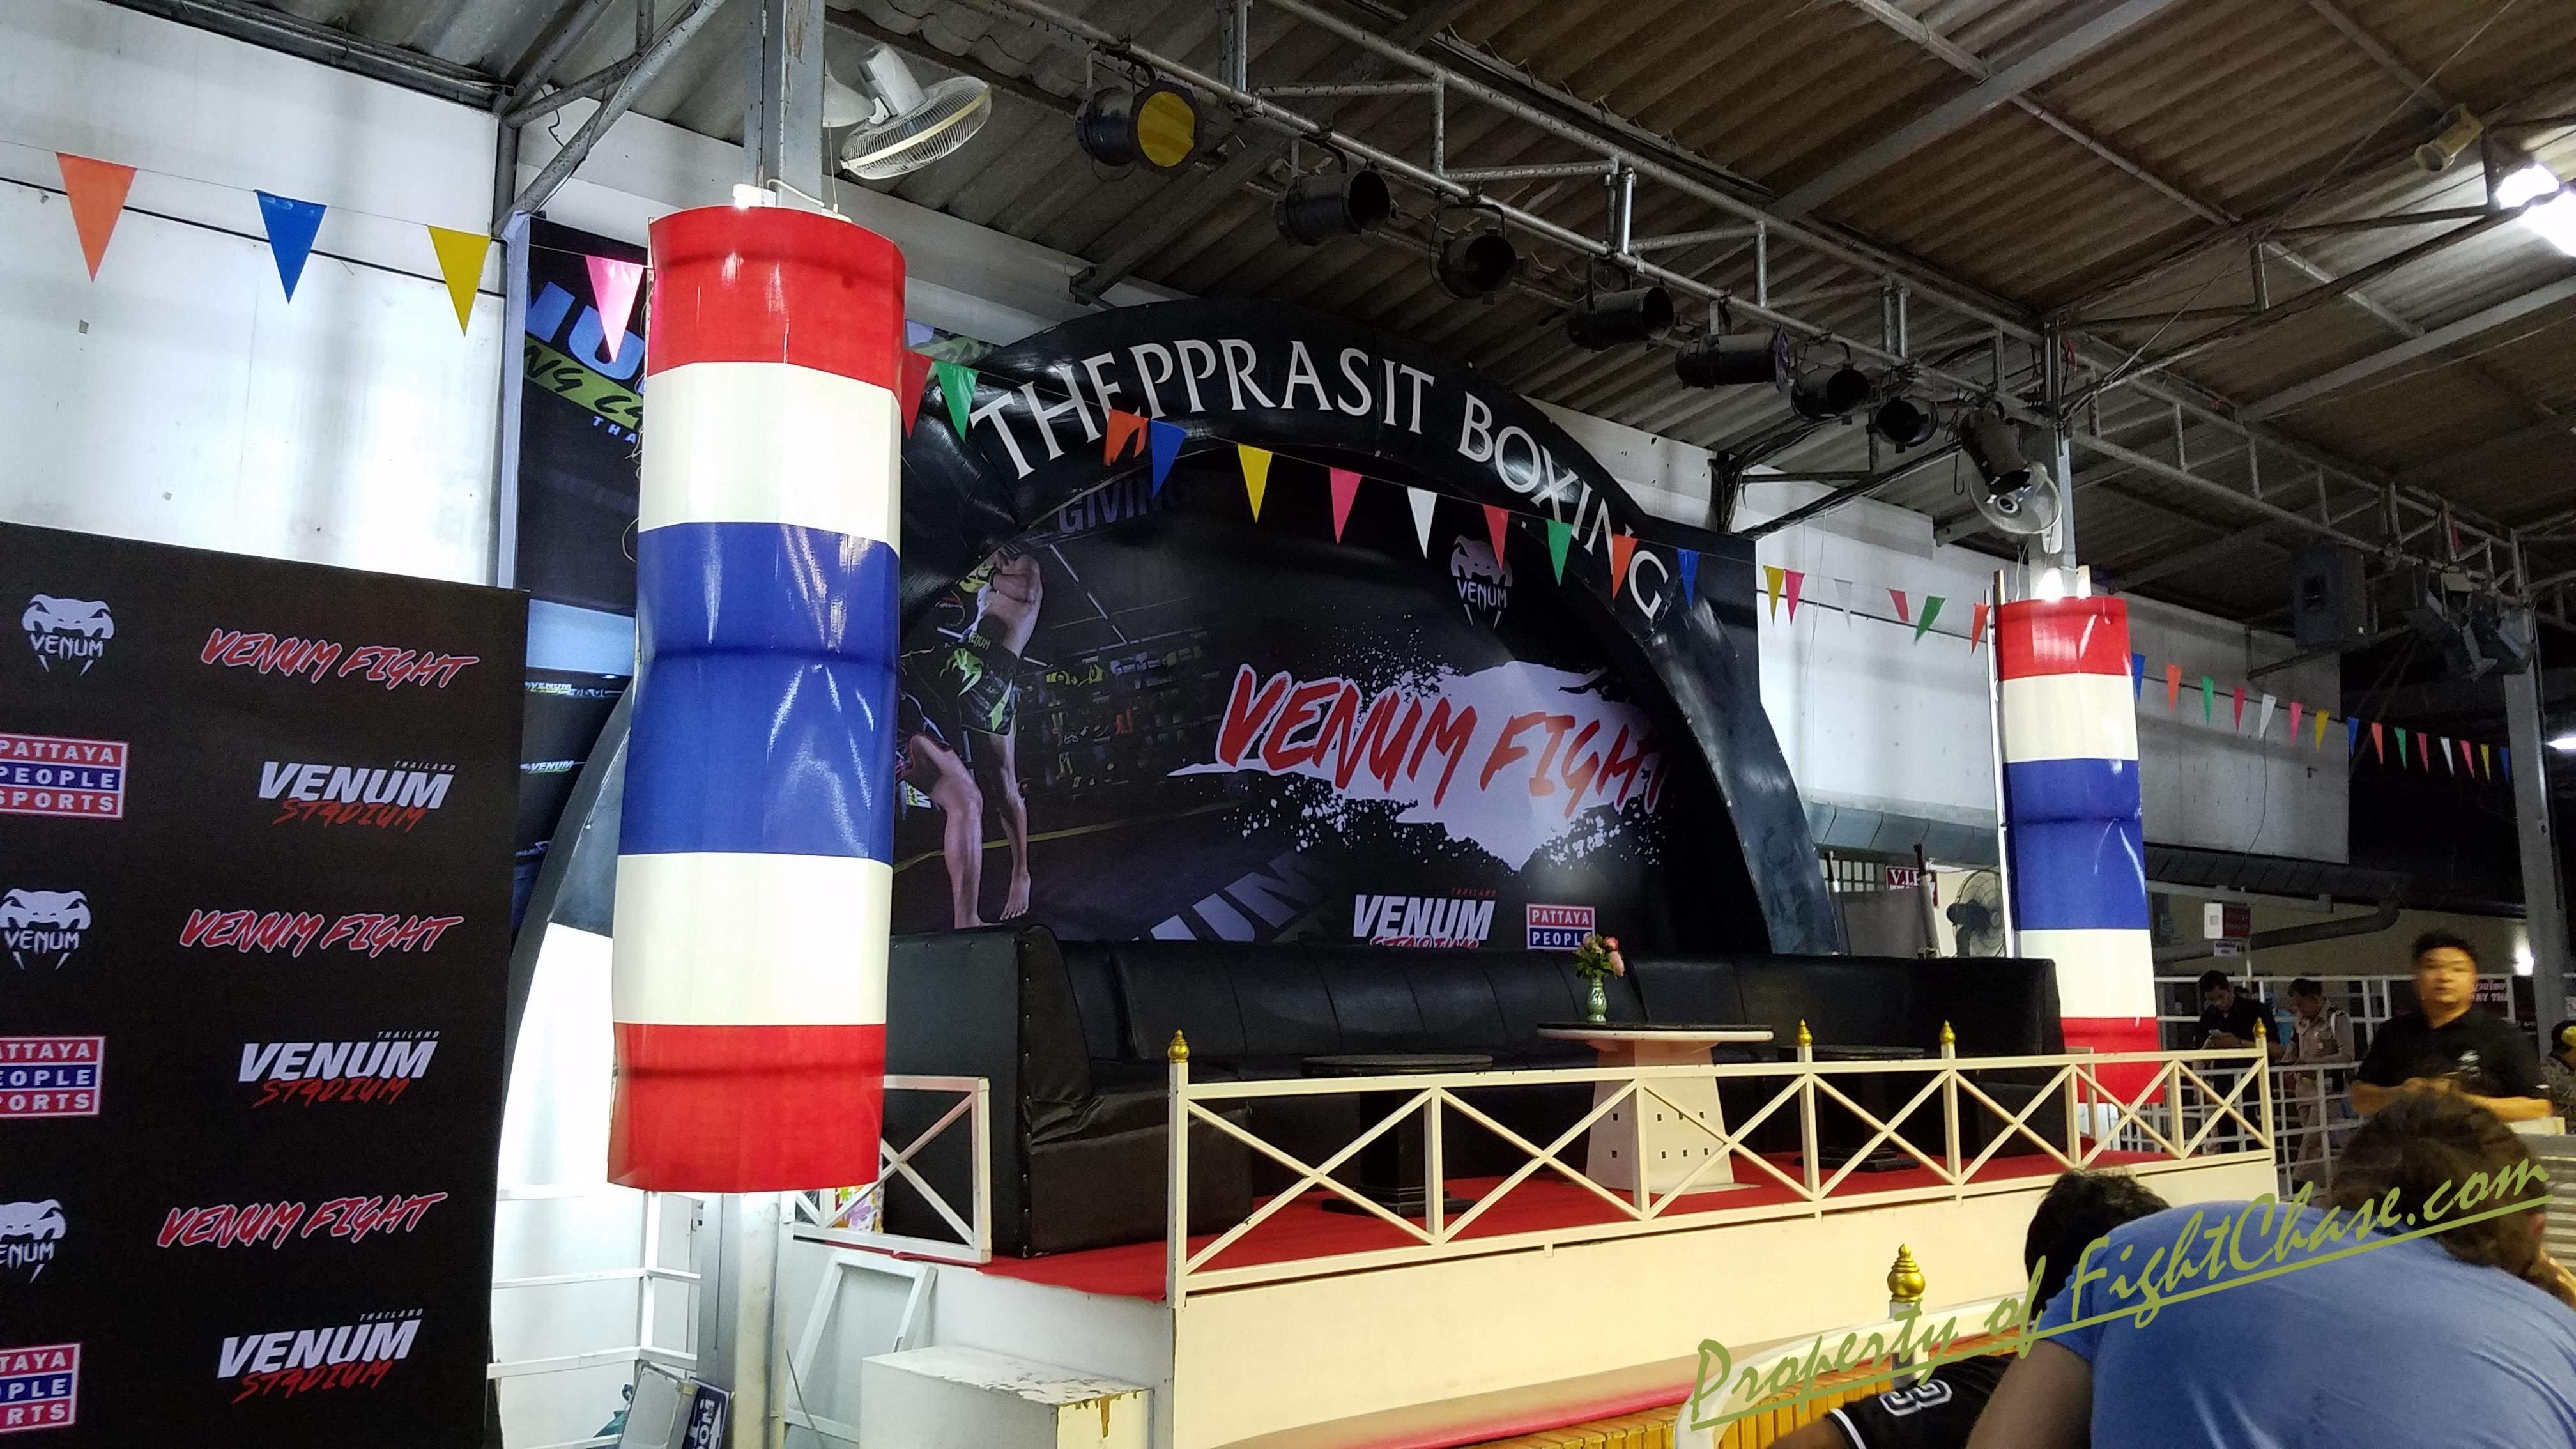 20170717 201229 - Venum Muay Thai Stadium , Pattaya Thailand (Fairtex/Yokkao Thepprasit Stadium)